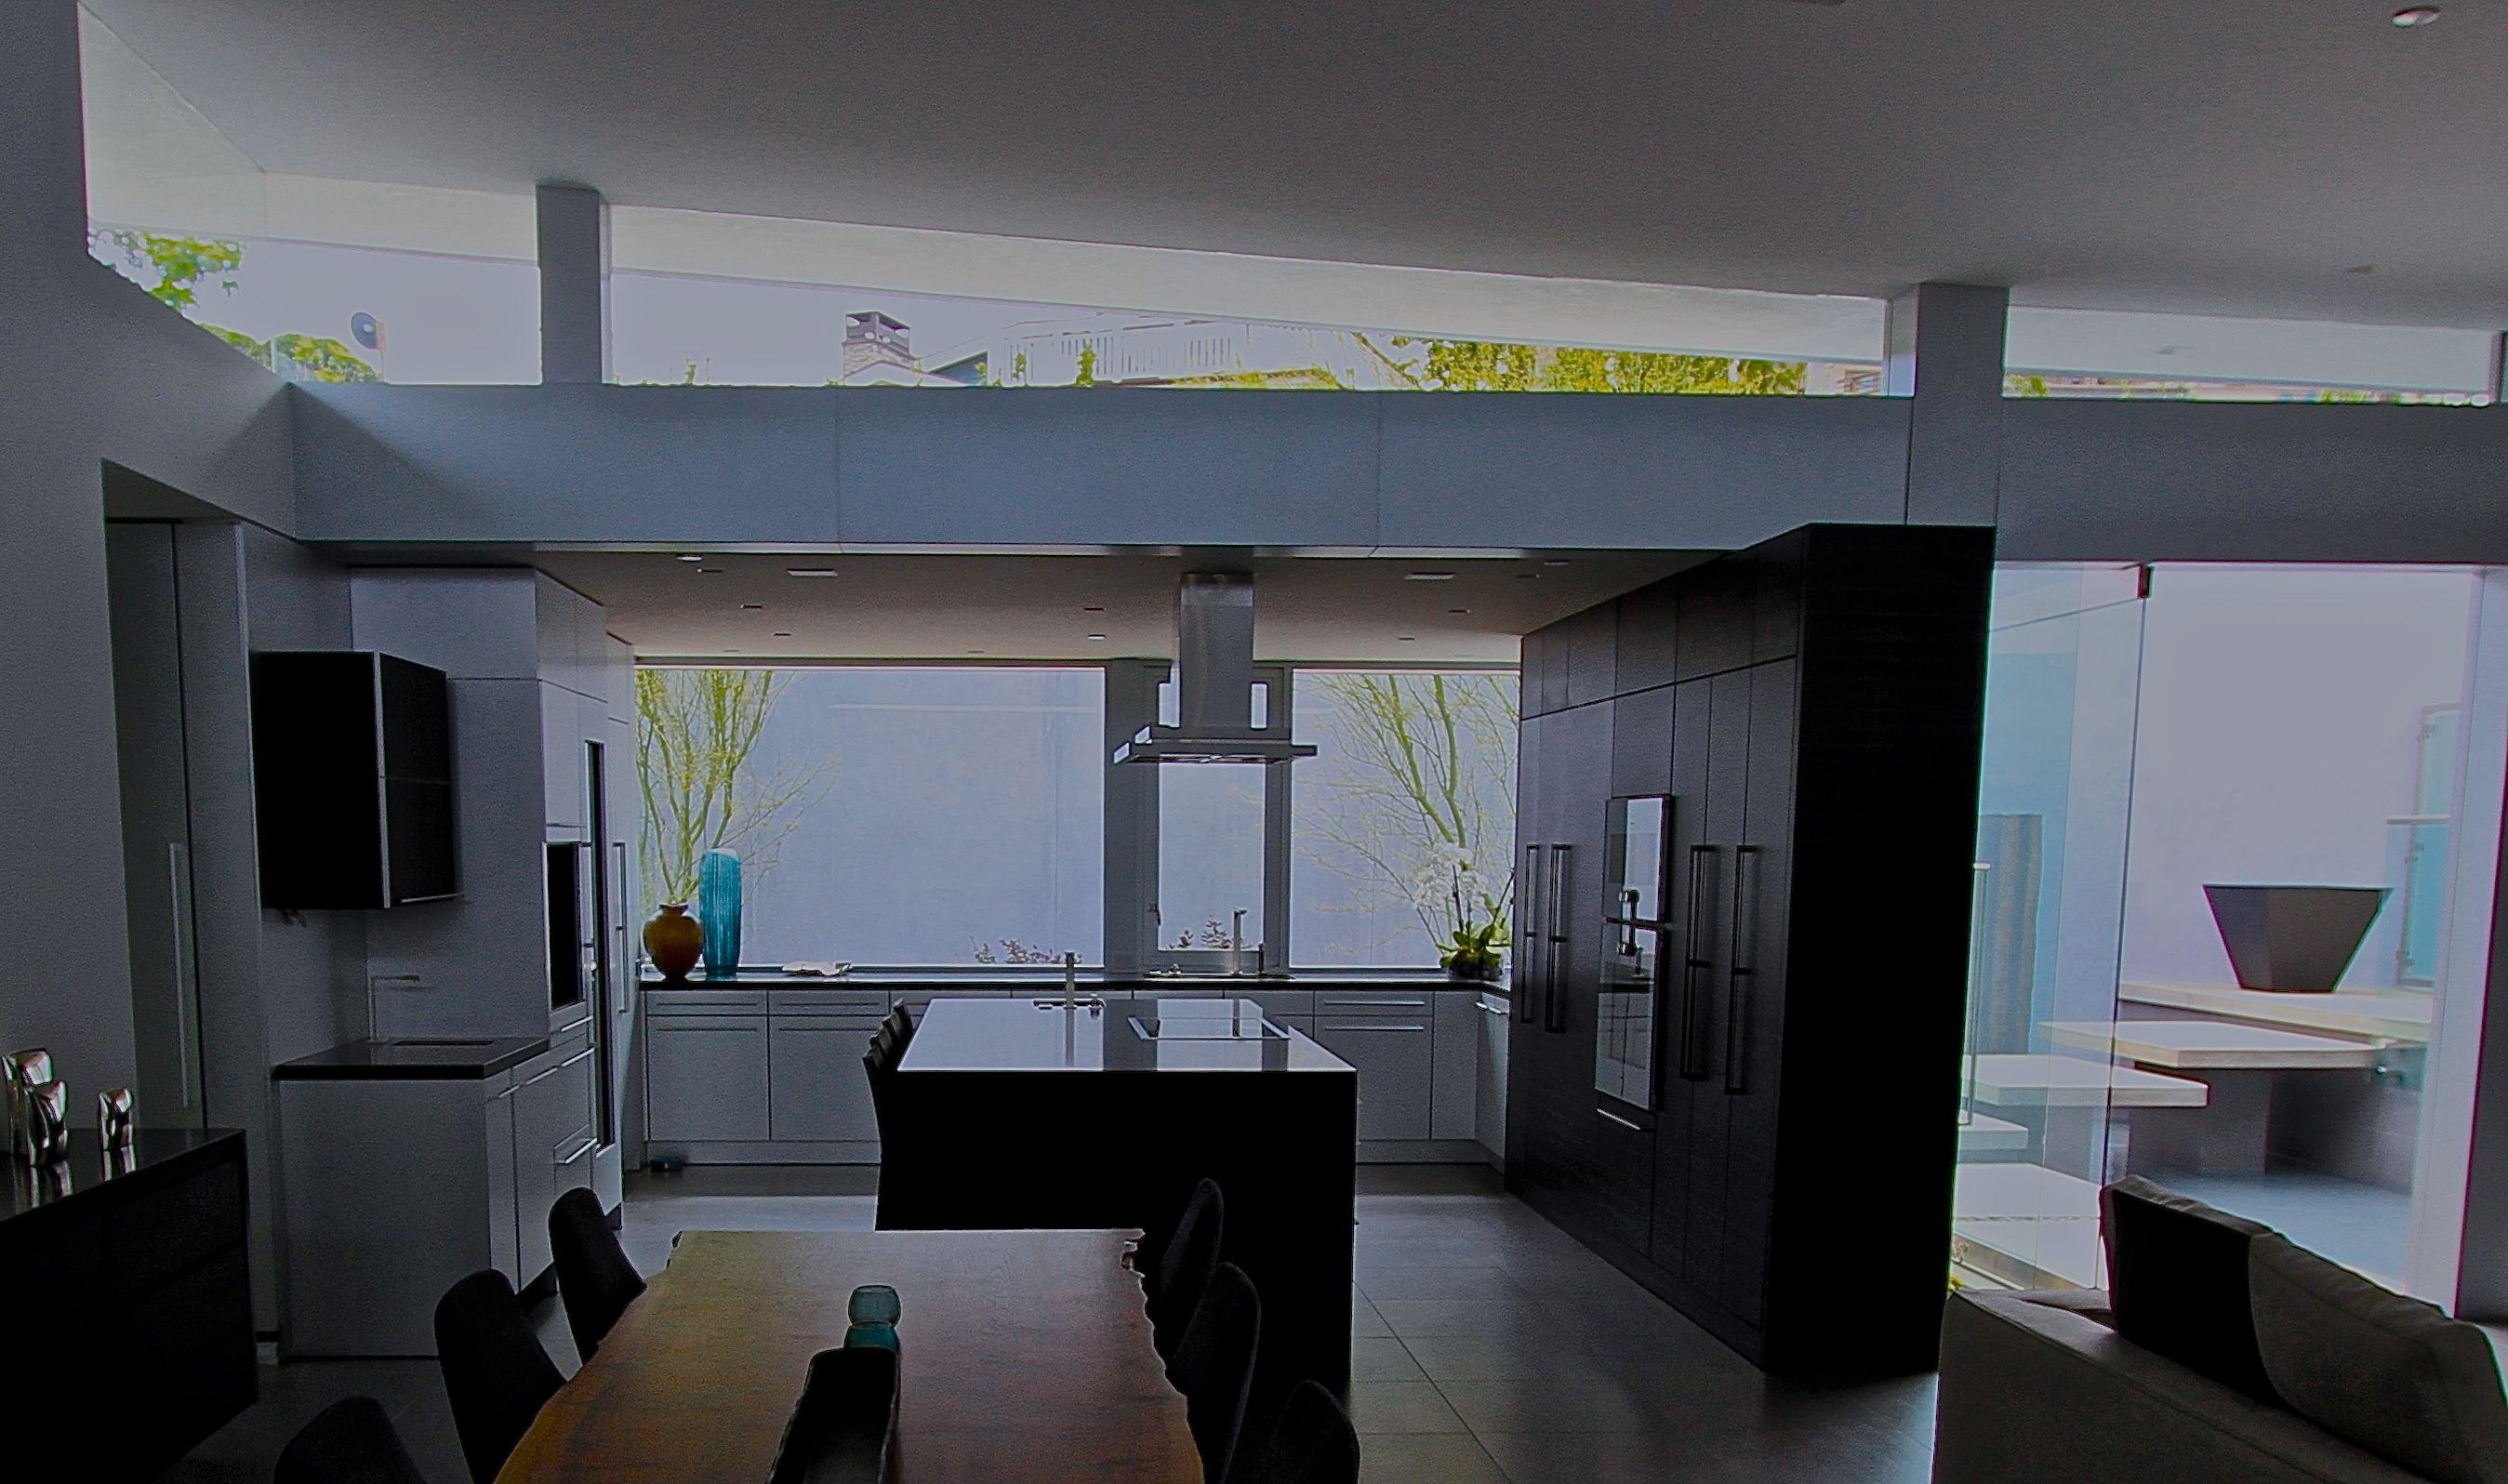 KE Design Studio